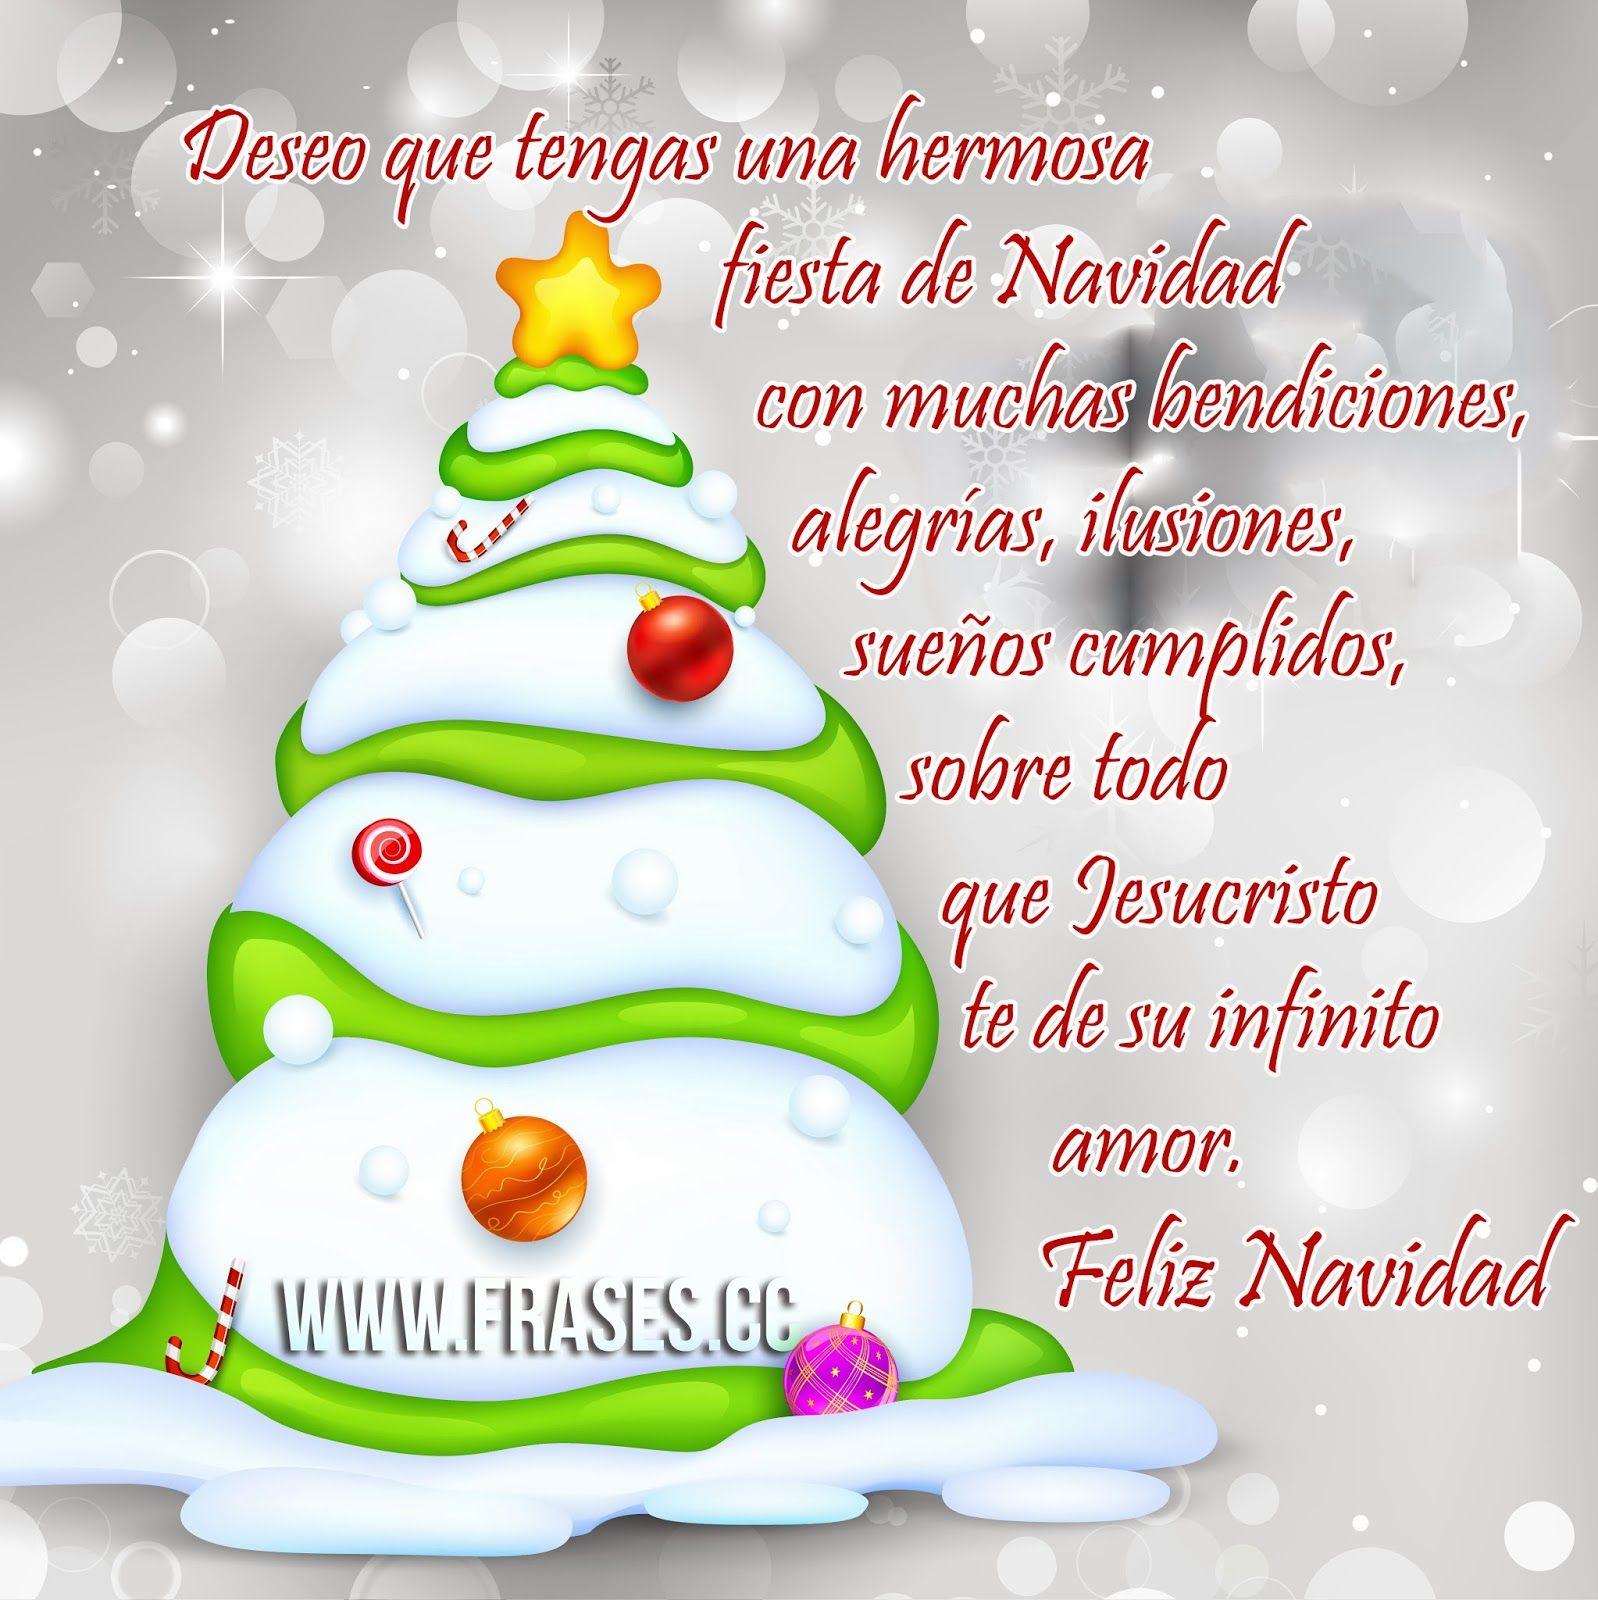 Imagenes de feliz navidad con frases christmas - Feliz navidad frases ...